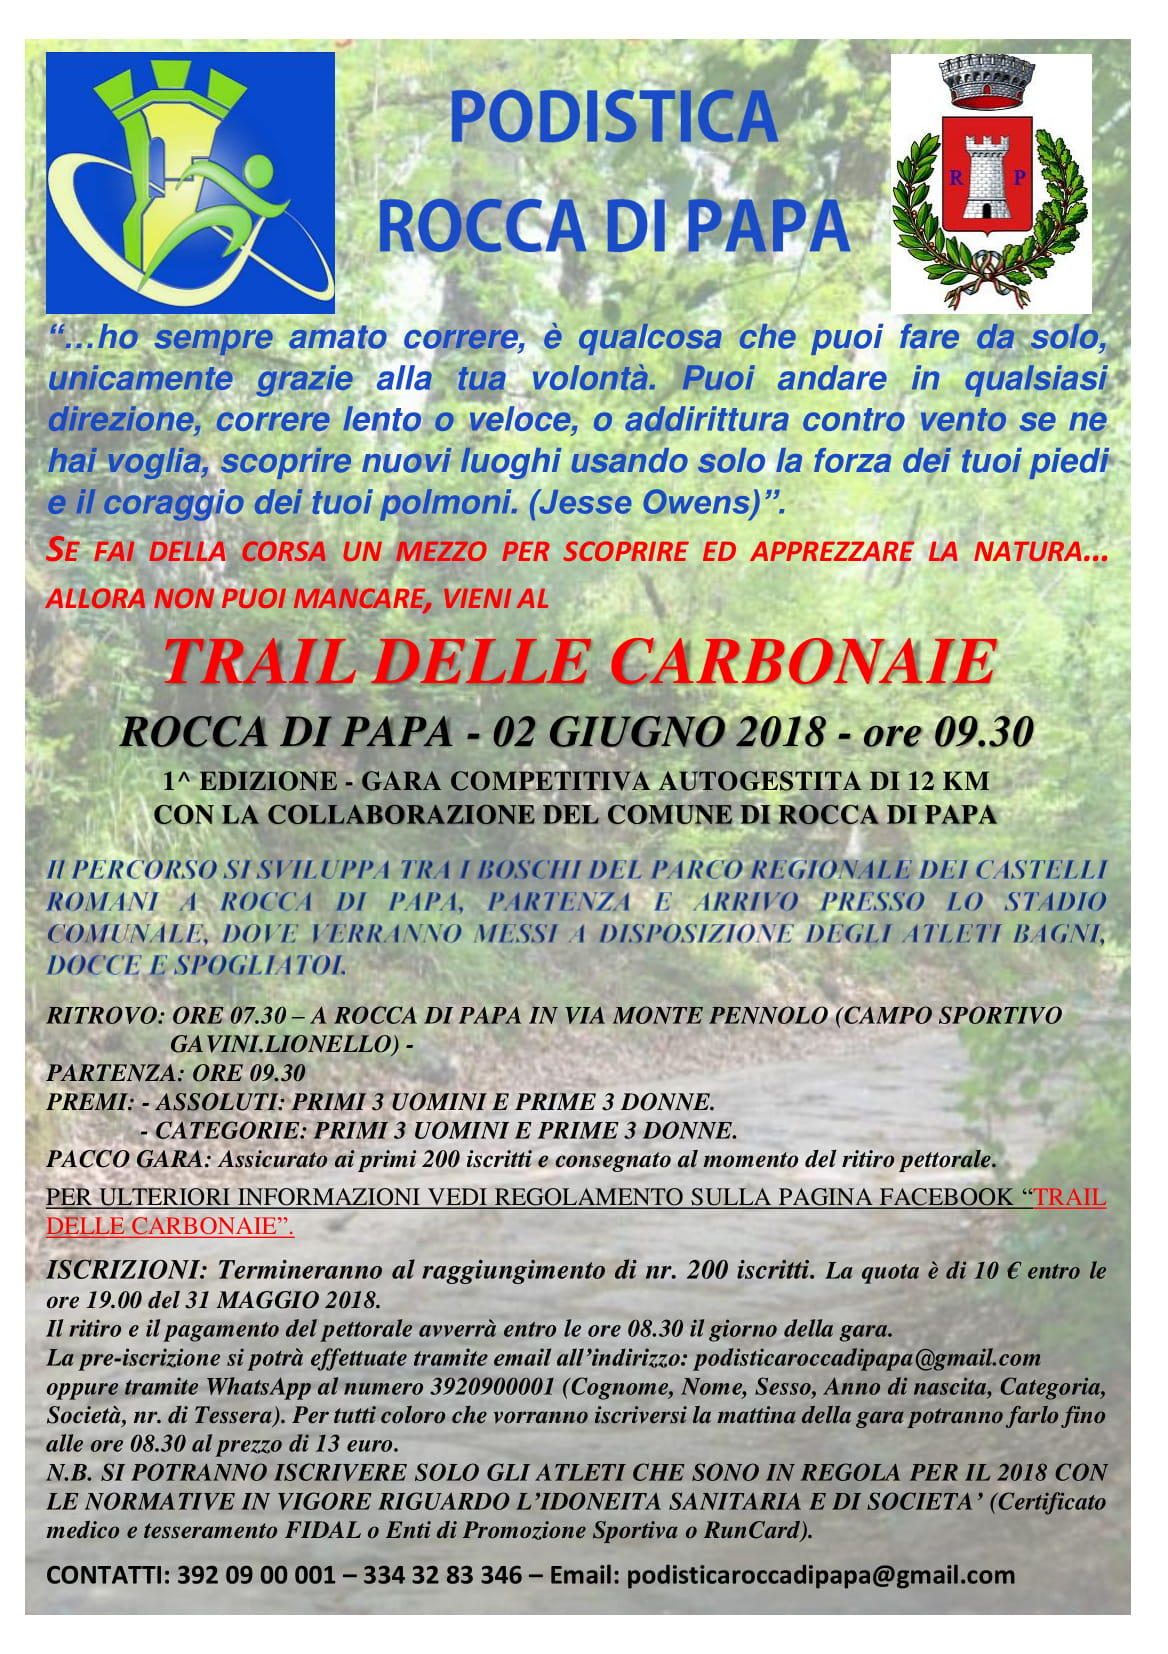 trail delle carbonaie